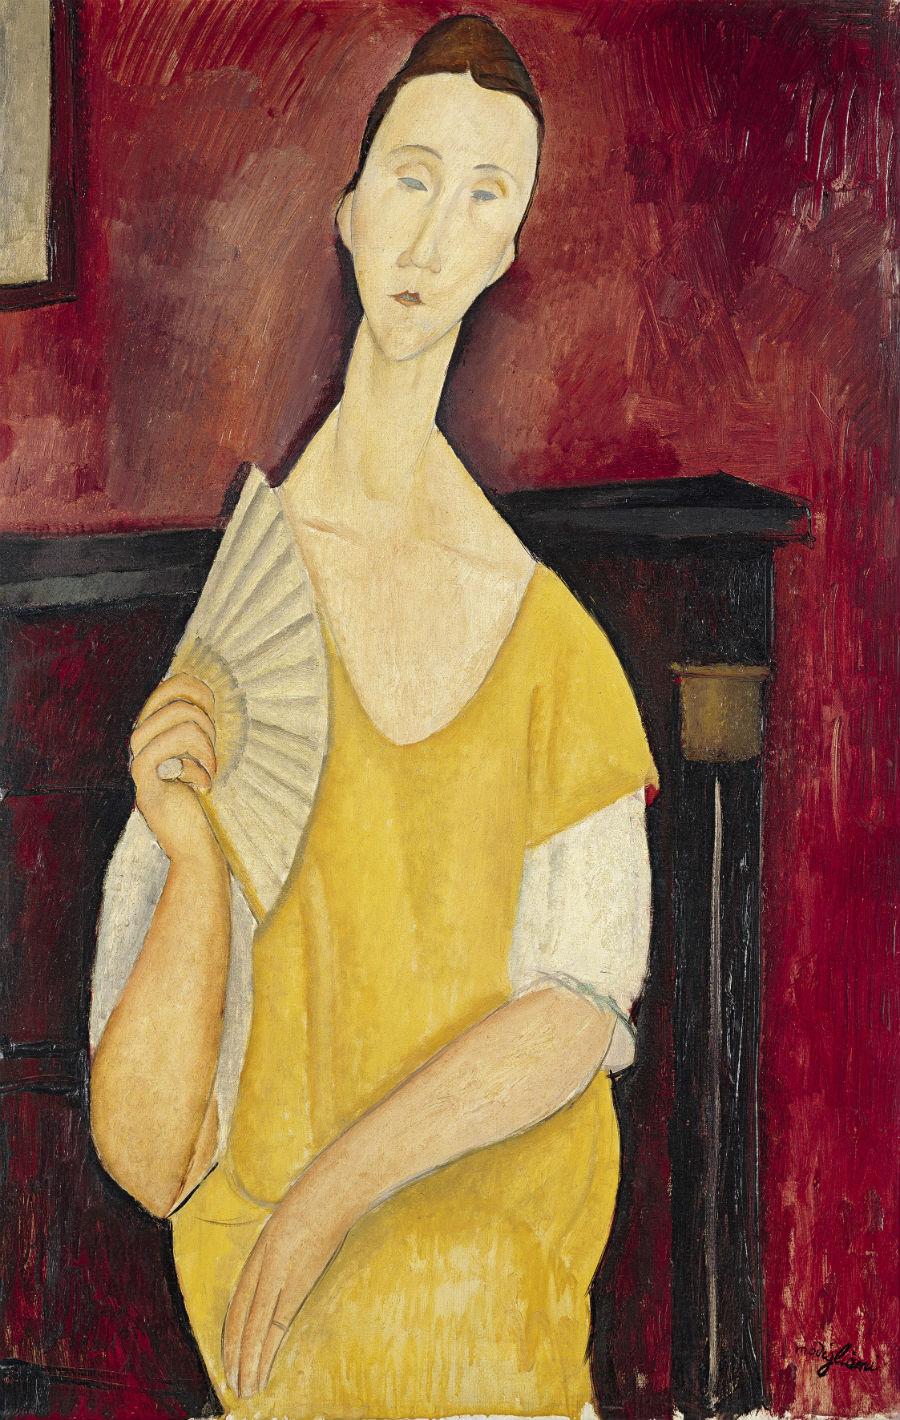 Autore: Amedeo ModiglianiTitolo: Ritratto di Lunia Czechowska con il ventaglio Anno: 1919Dimensioni: 100 x 65 cmTecnica: olio su telaSede: Musée d'Art moderne de la Ville de Paris, Parigi